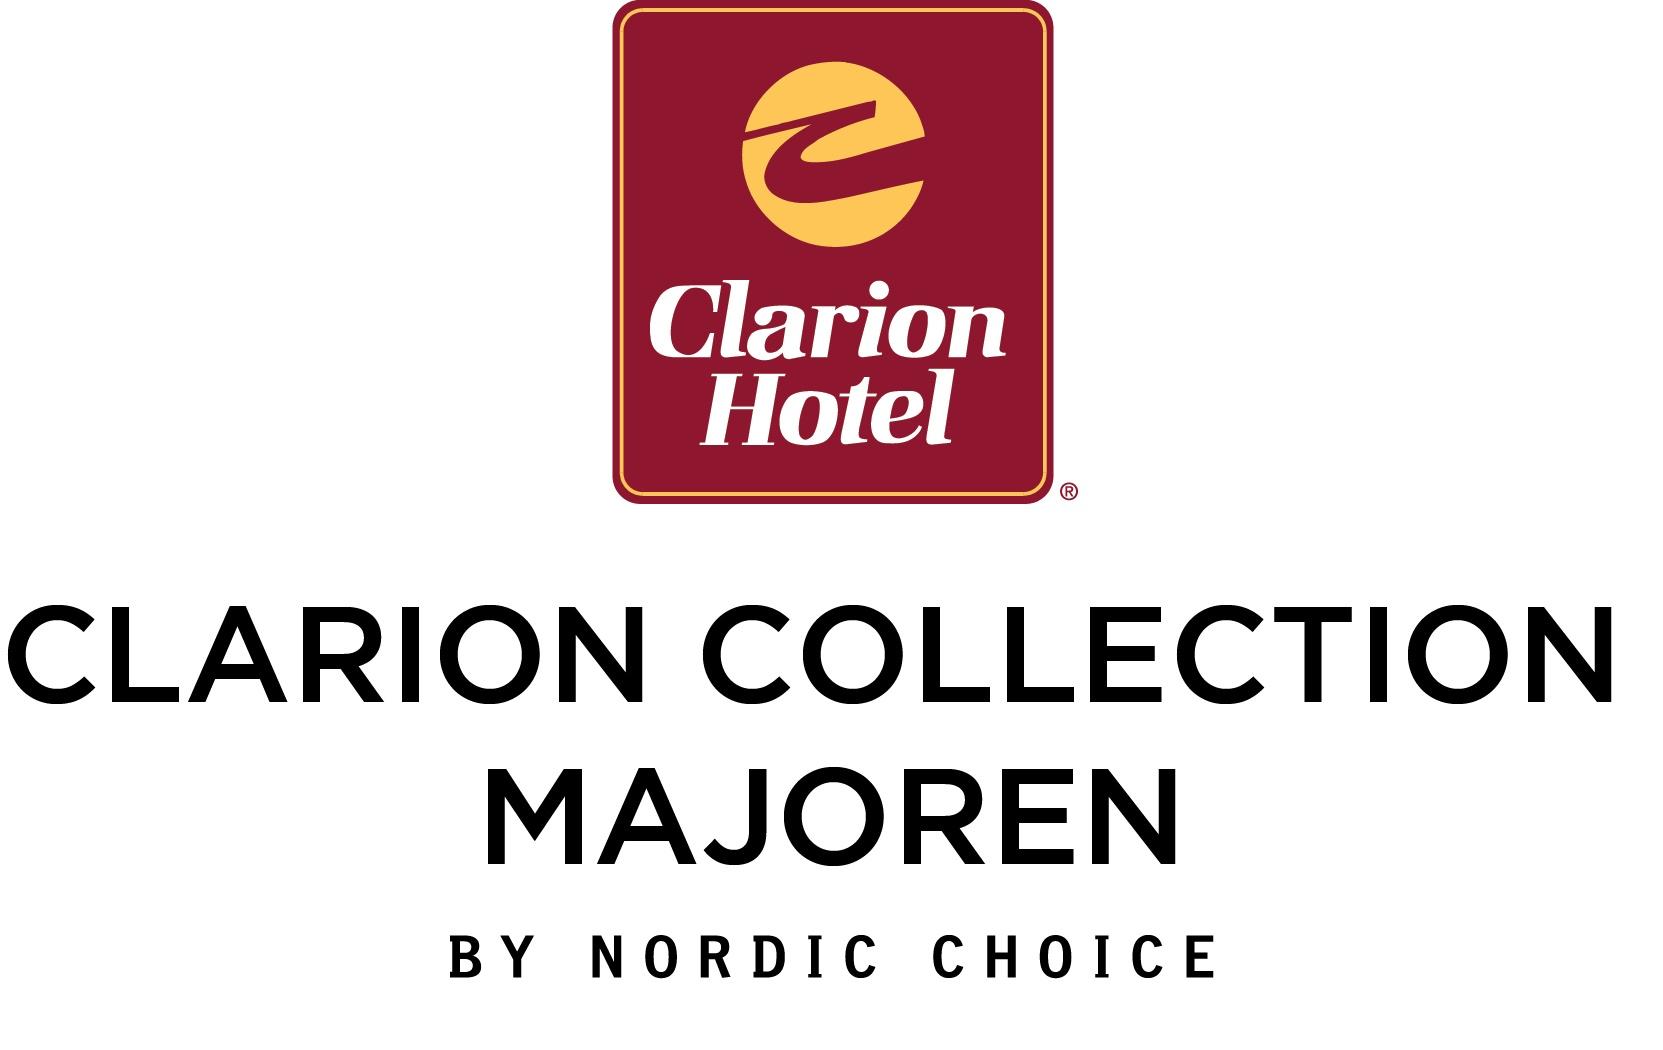 Clarion Collection Hotel Majoren